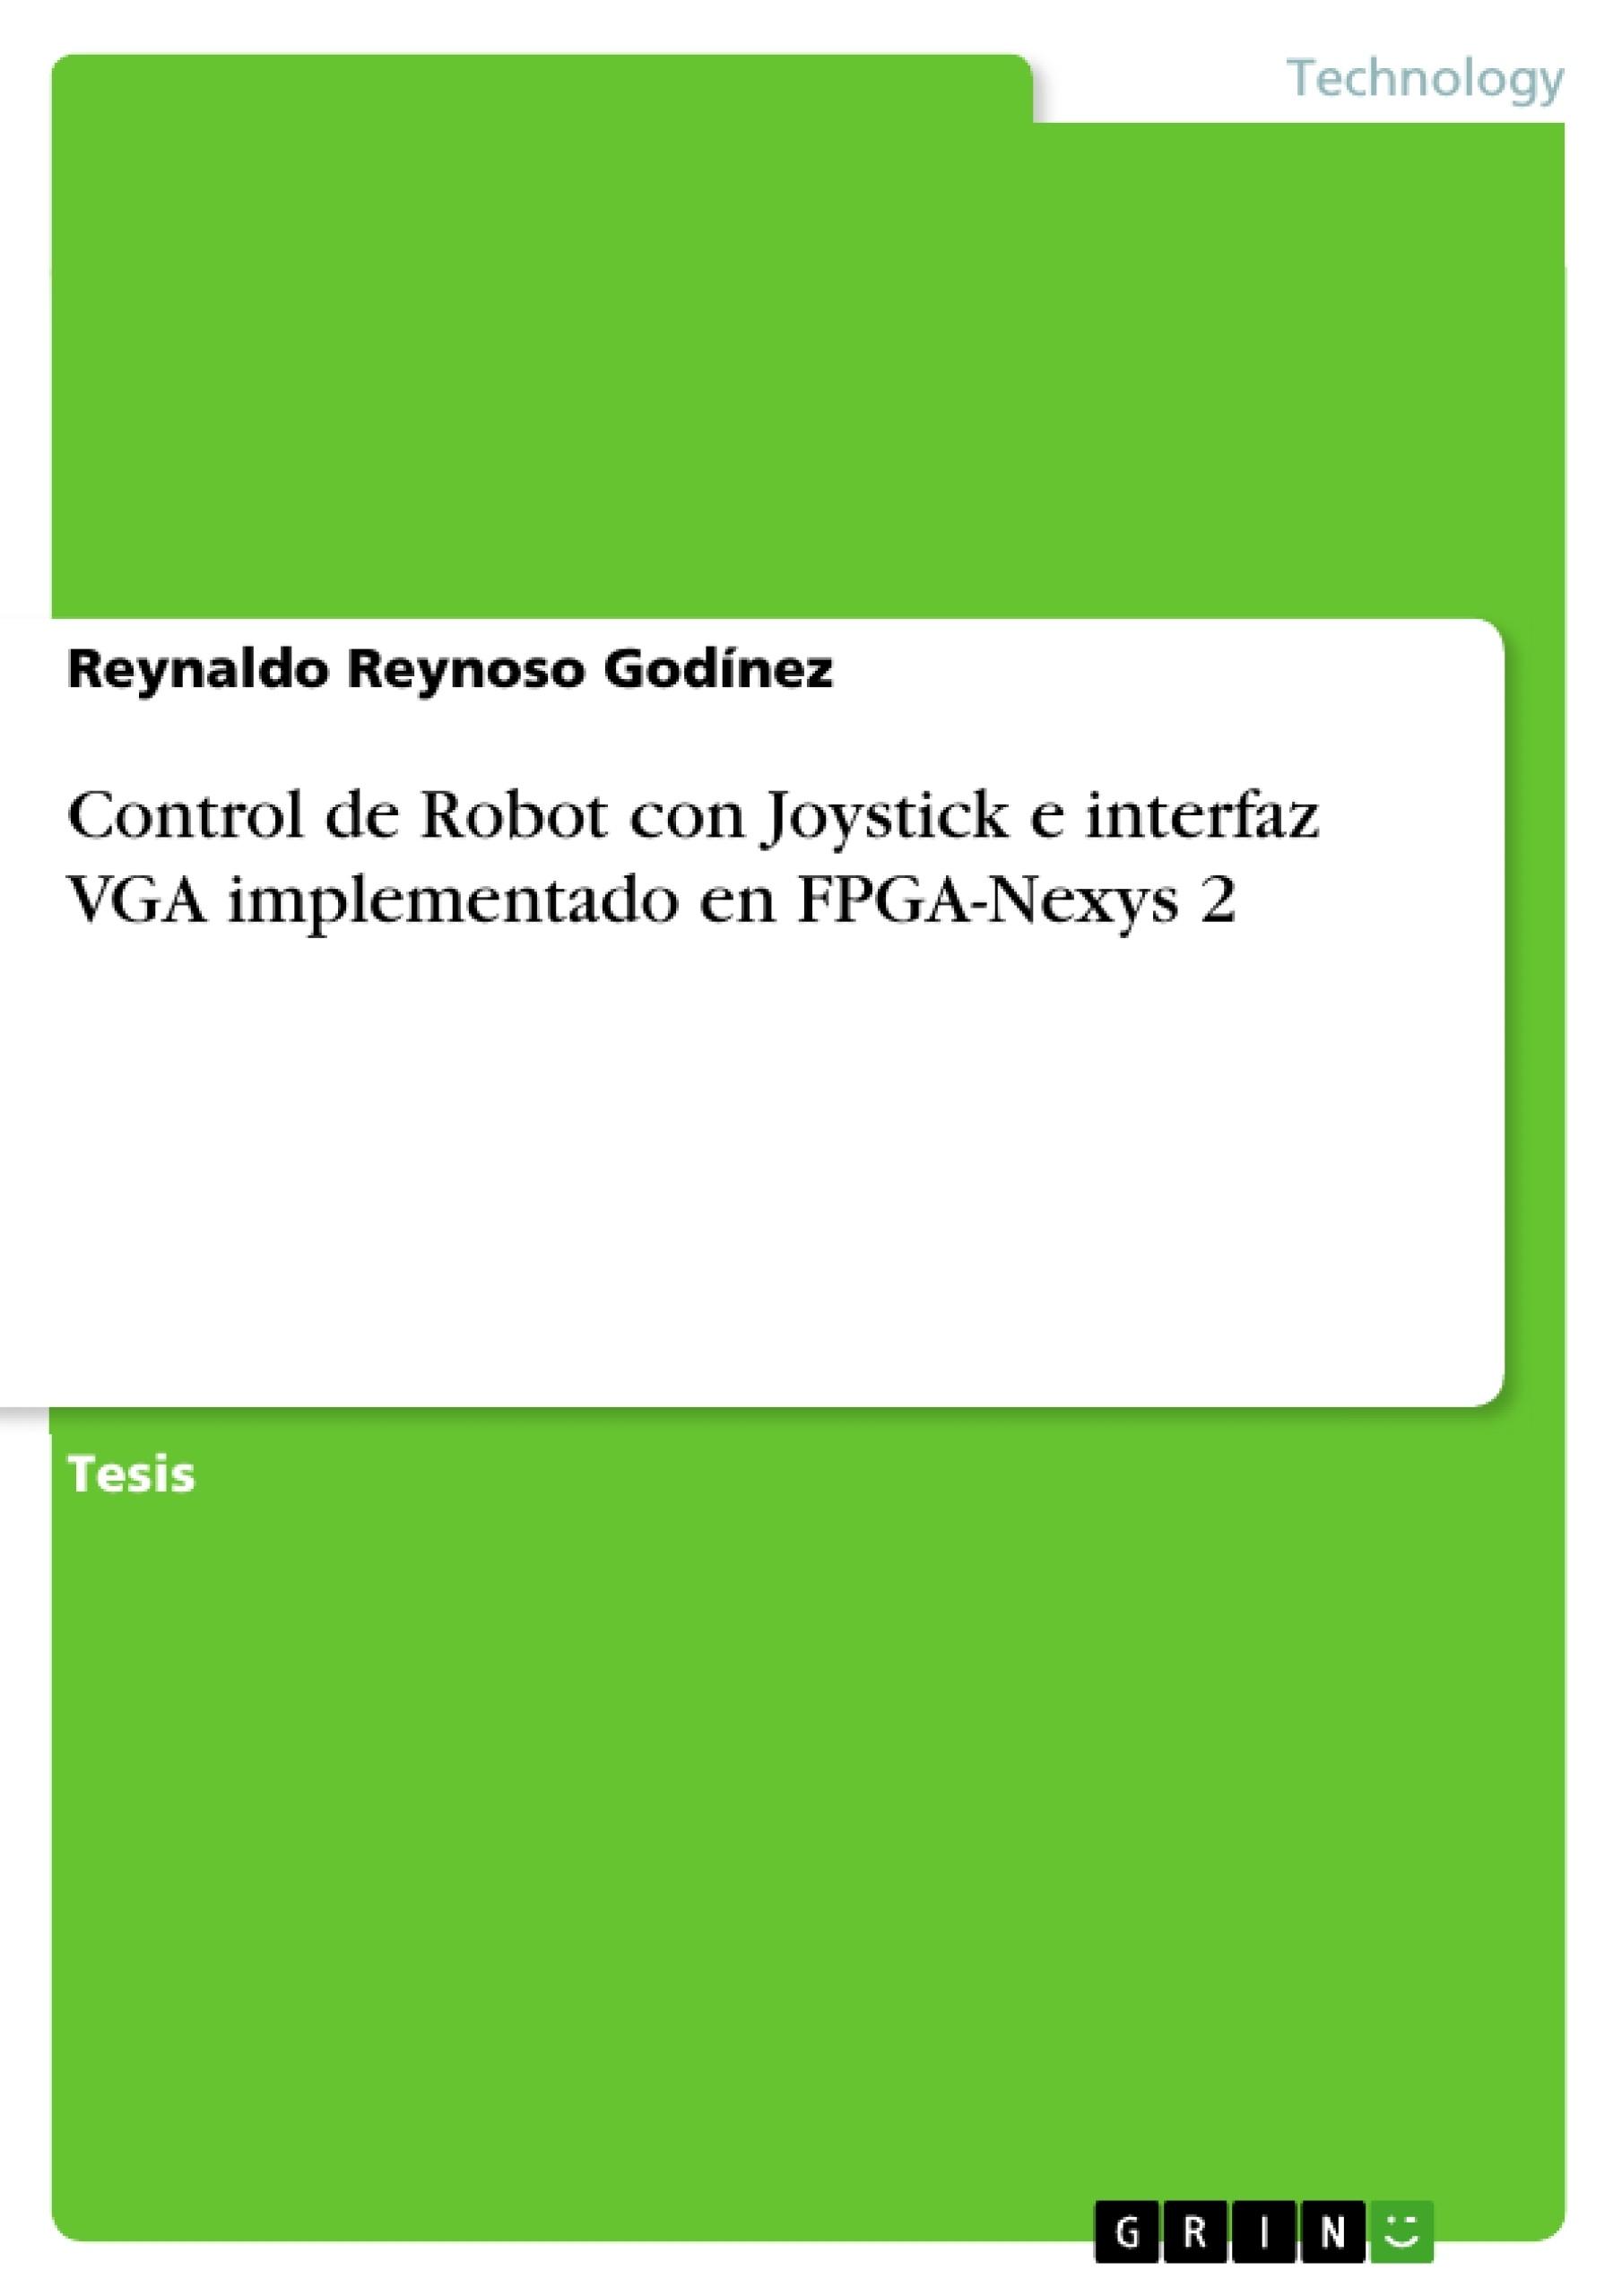 Título: Control de Robot con Joystick e interfaz VGA implementado en FPGA-Nexys 2